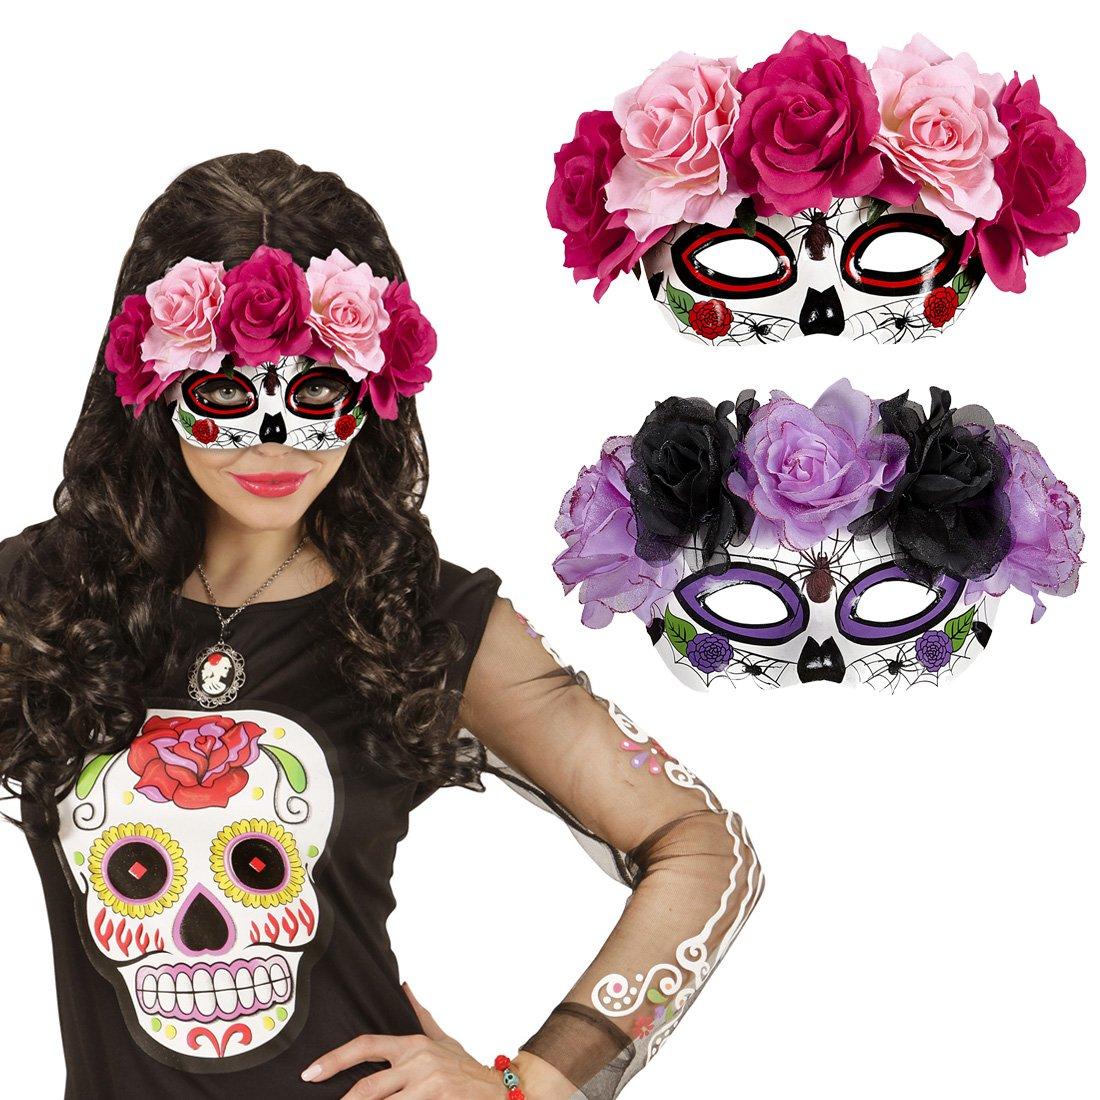 Máscara Sugar Skull Careta La Catrina con rosas Mascarilla Halloween Máscara mexicana de muertos Antifaz Día de los muertos Cubre rostro de muertos